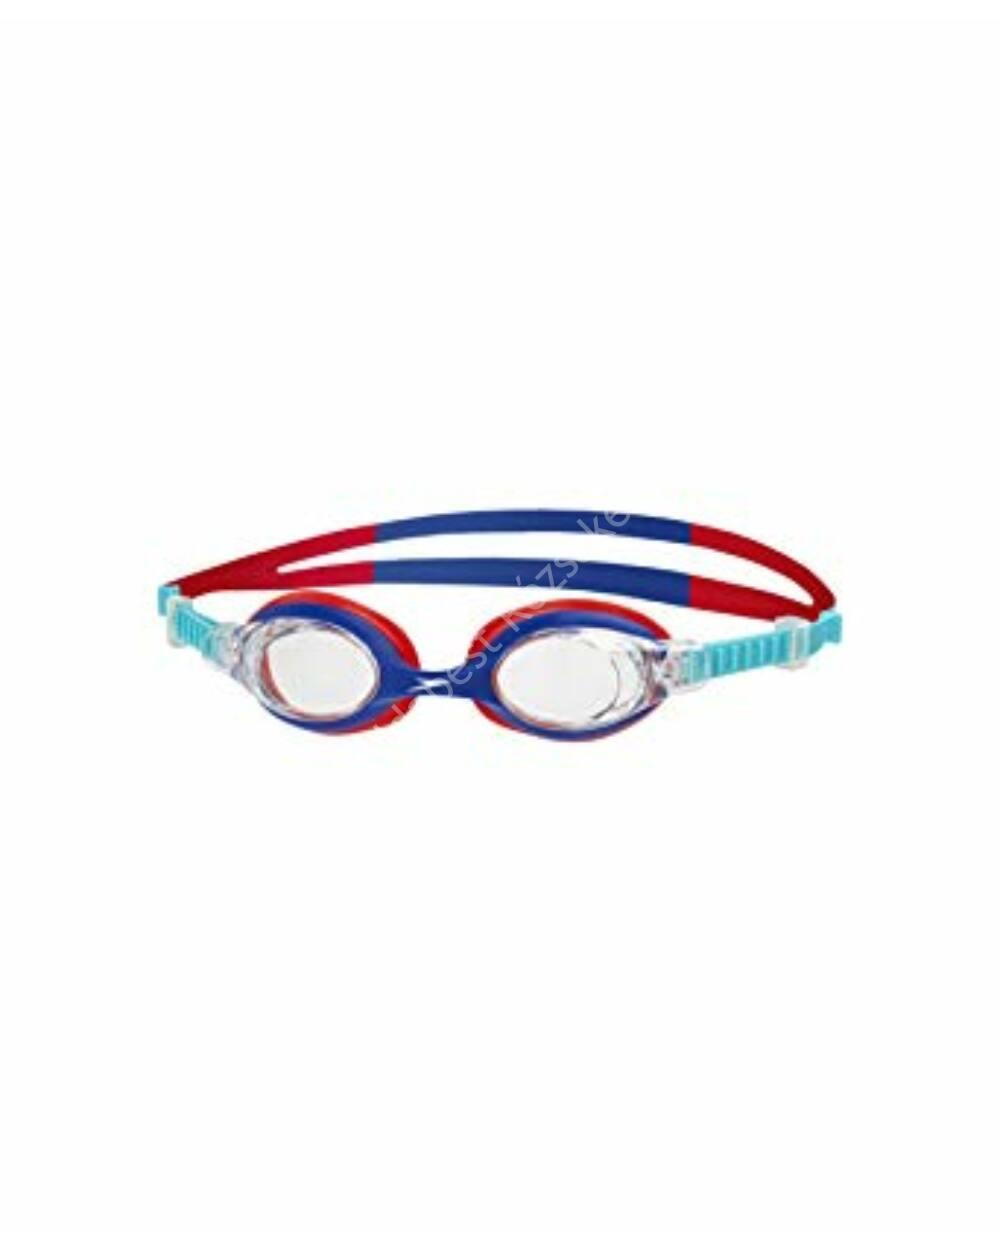 Speedo seasquad skoogle gyermek úszószemüveg 2-6 éves korig, piros-kék